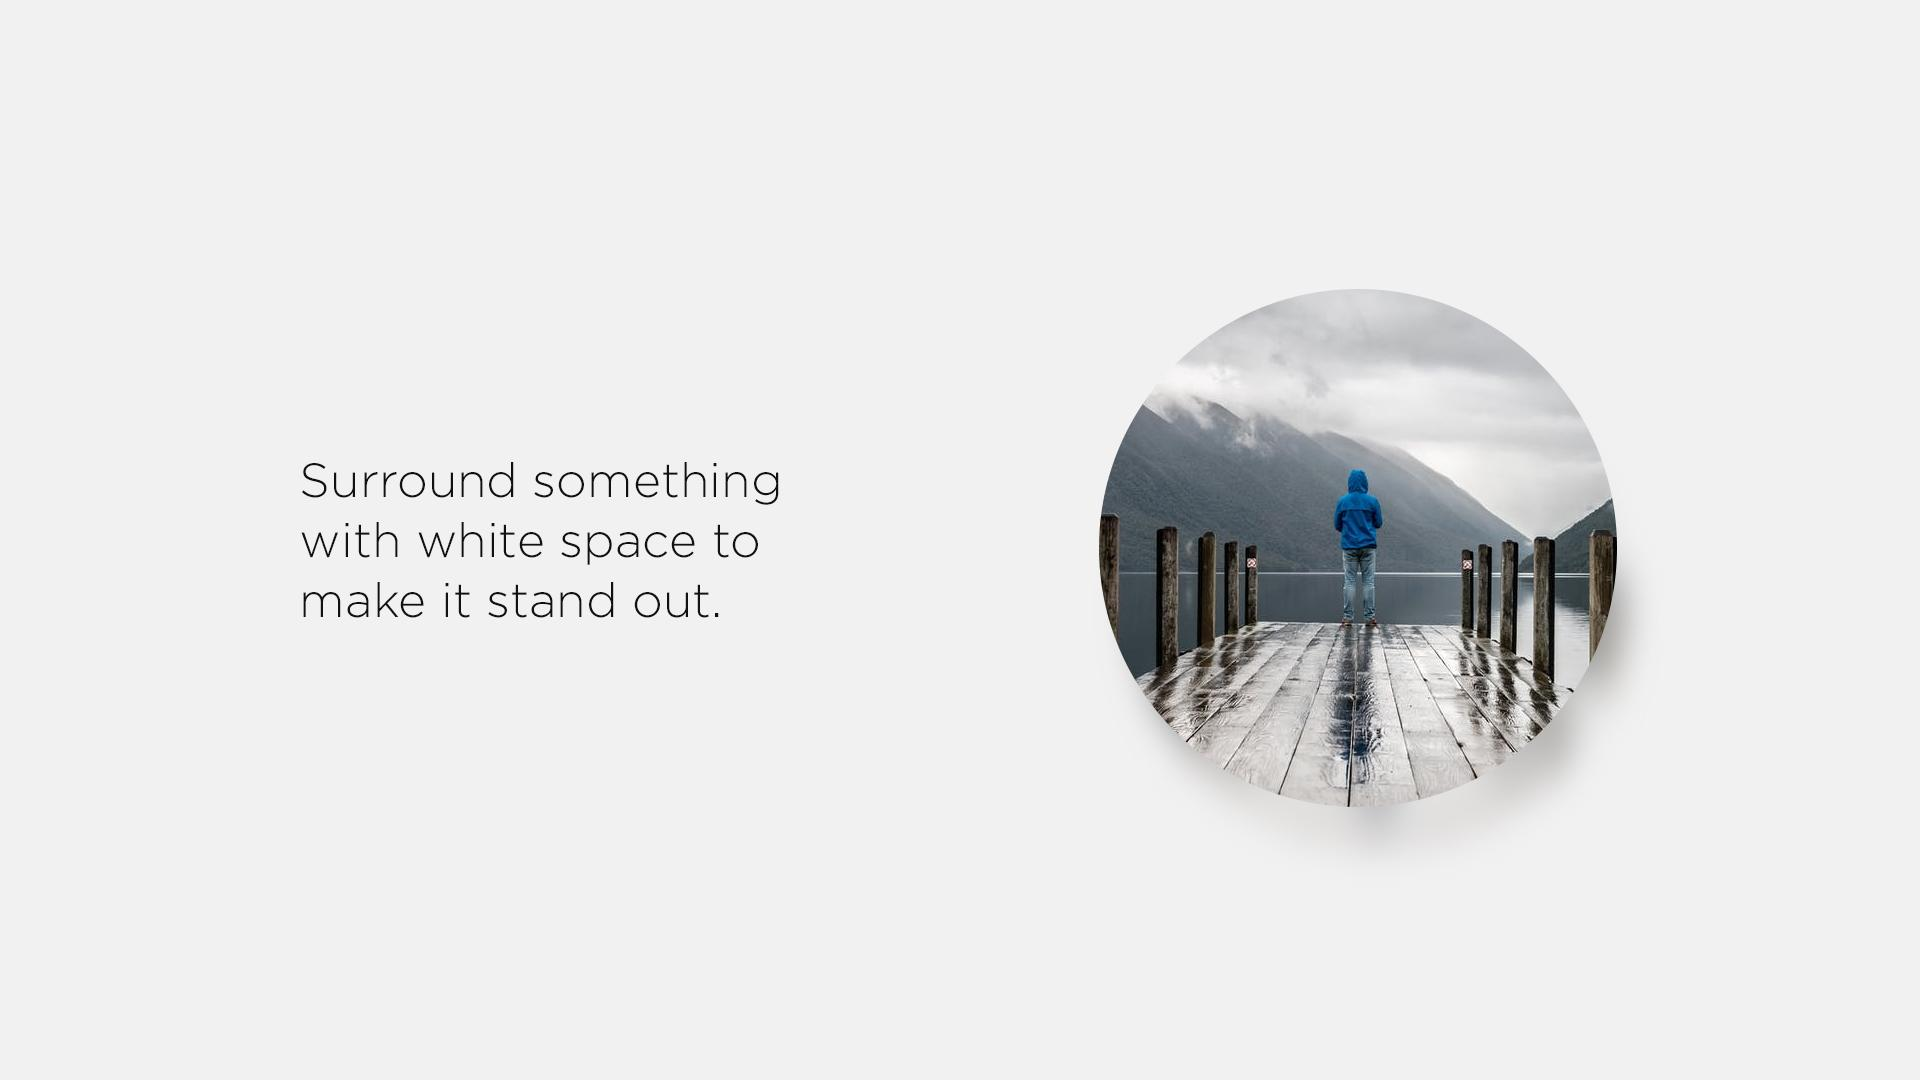 El uso del espacio blanco en el diseño permite que su contenido brille en cualquier pantalla de tamaño